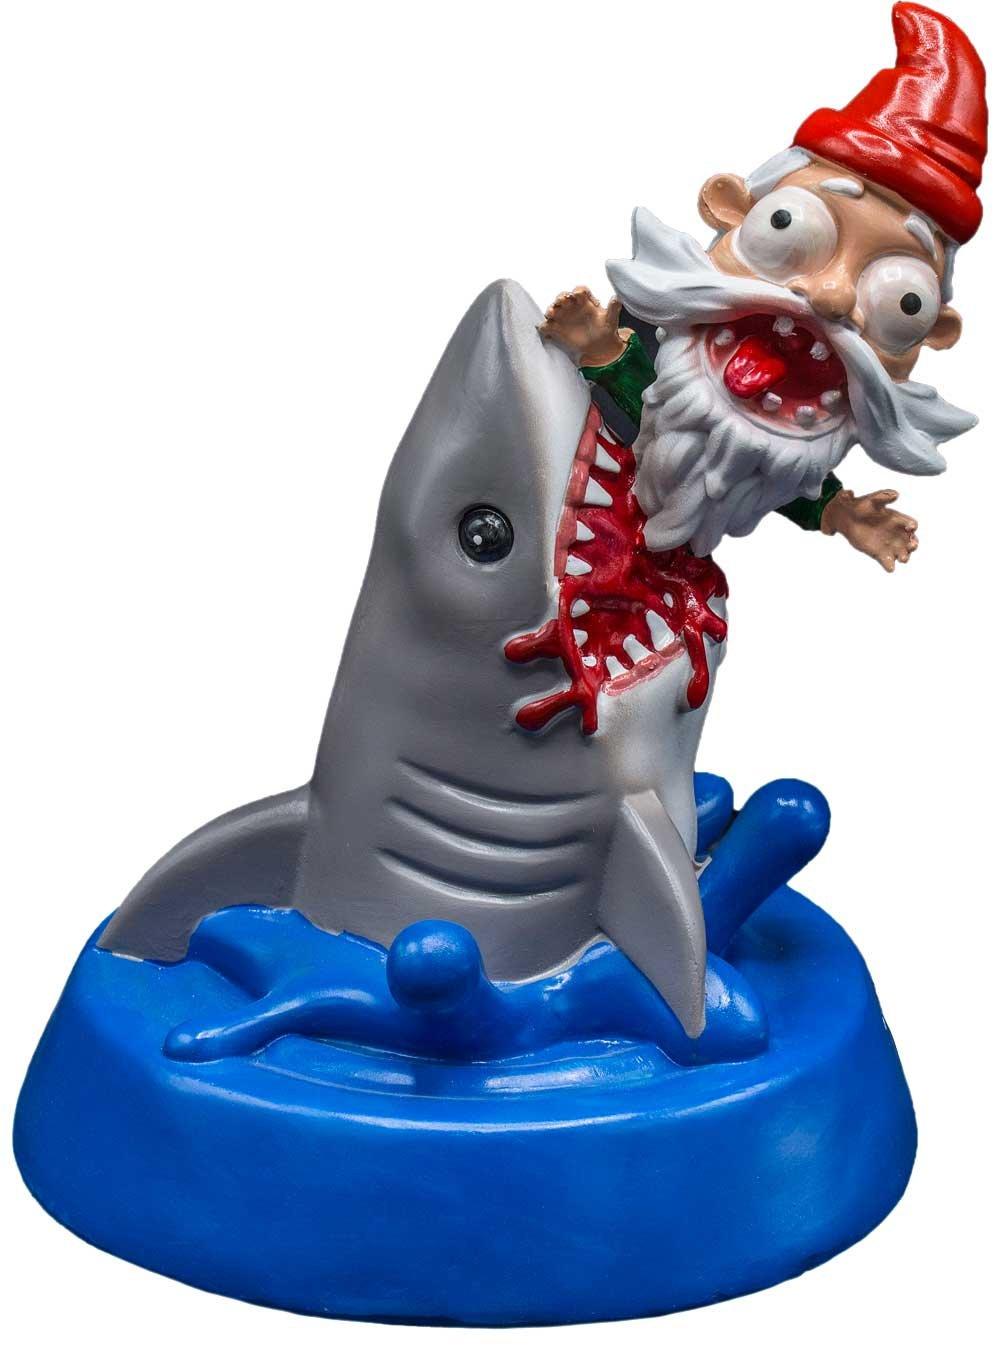 Patio Eden - Shark Attack - Funny Garden Gnome Statue - Hilarious White Elephant or Novelty Gift Idea